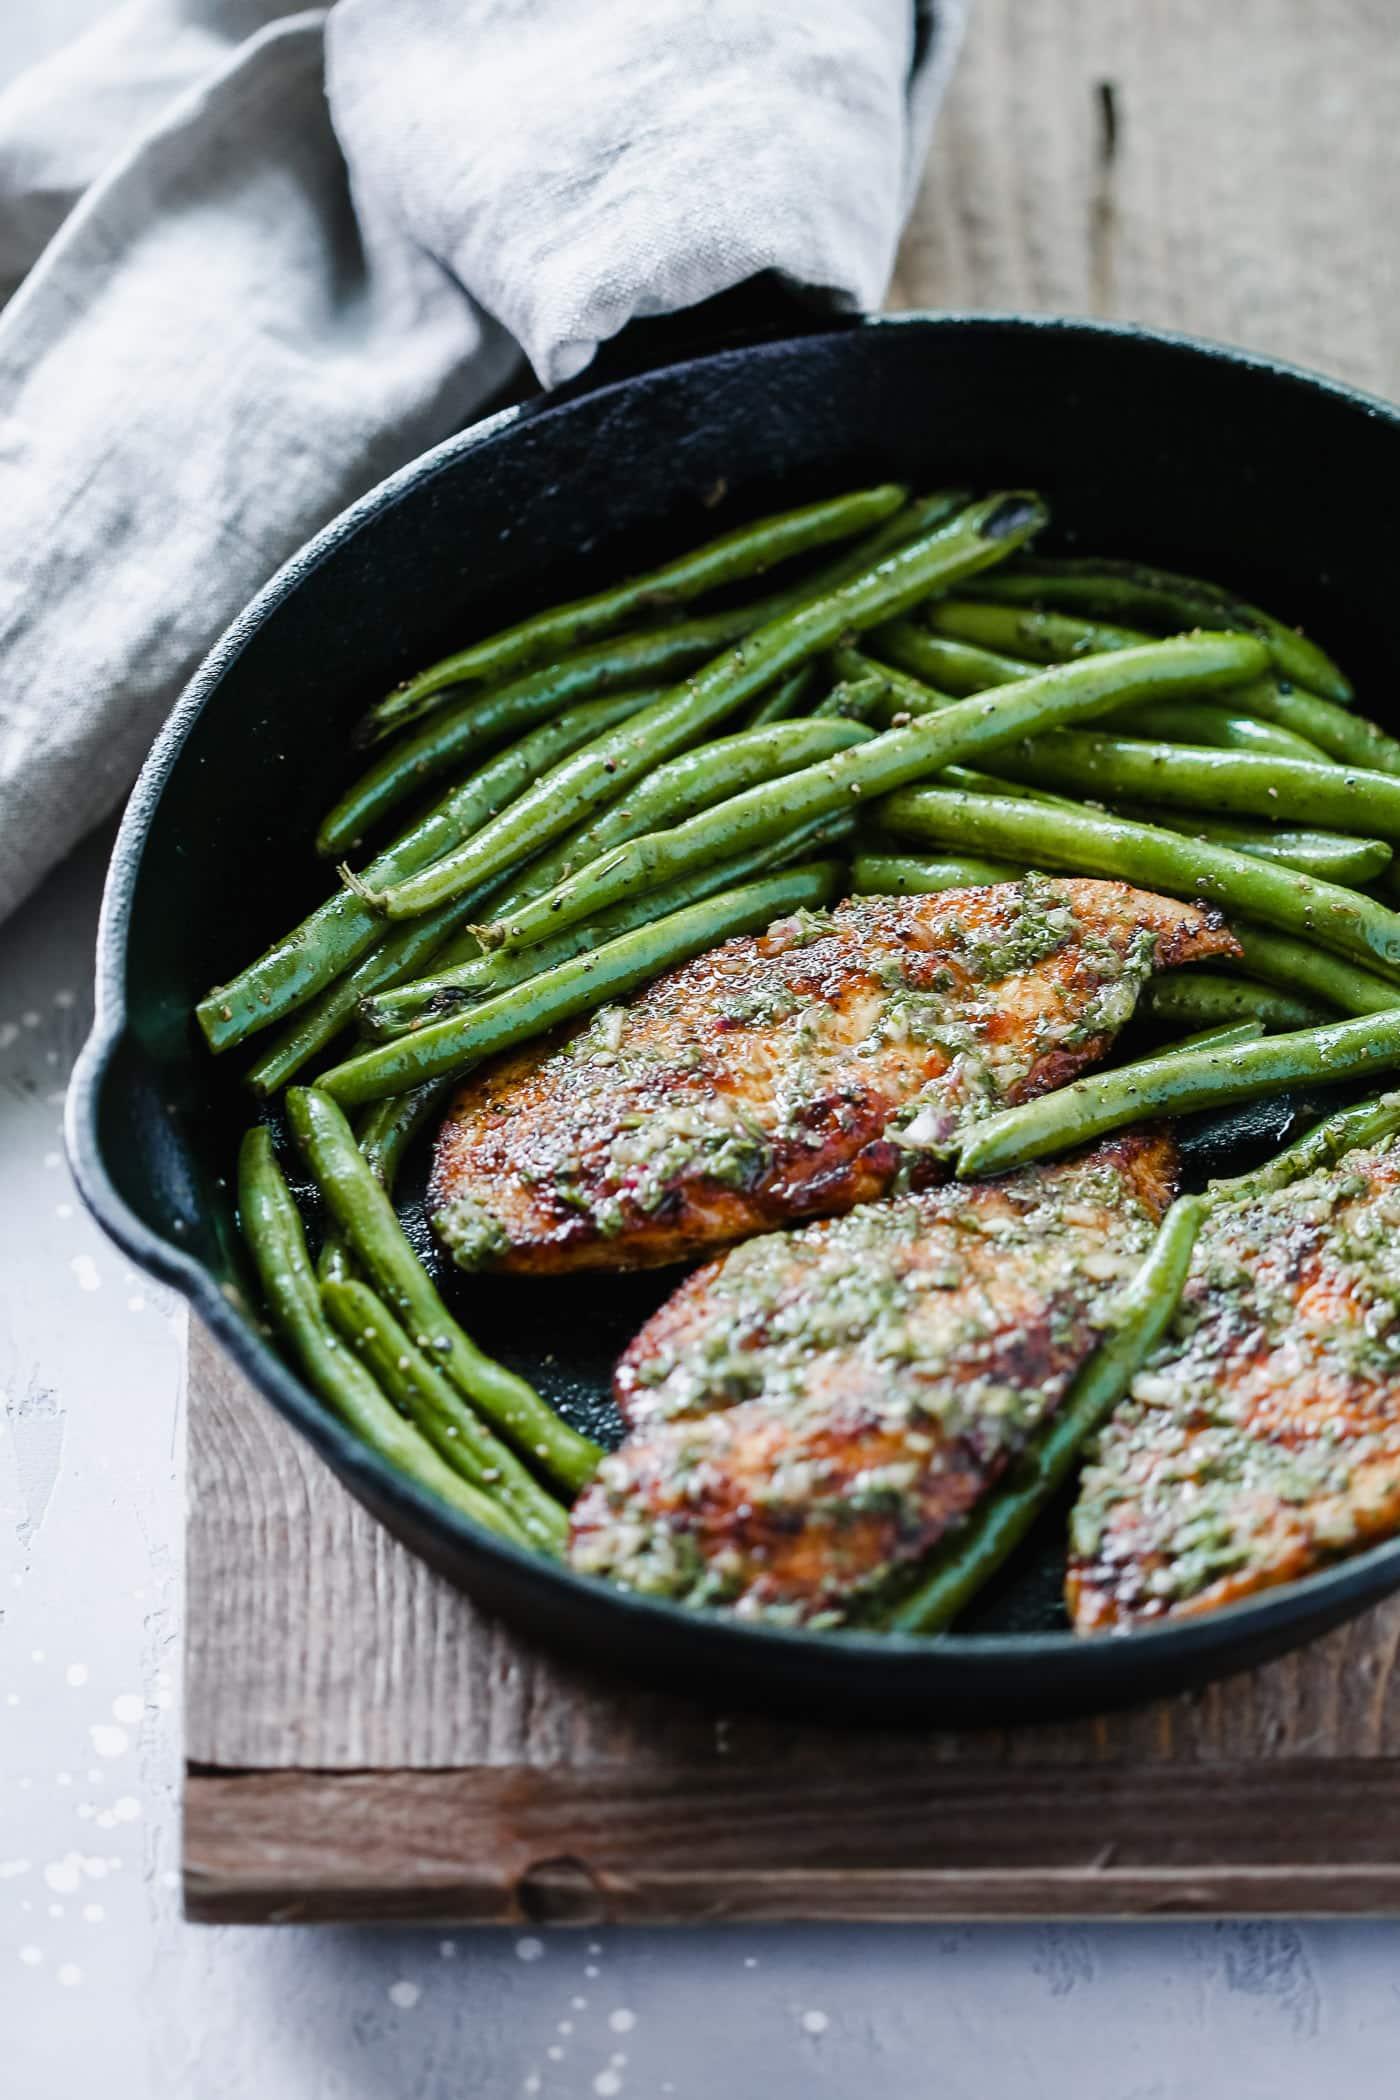 Chimichurri Chicken Green Beans Skillet - Primavera Kitchen